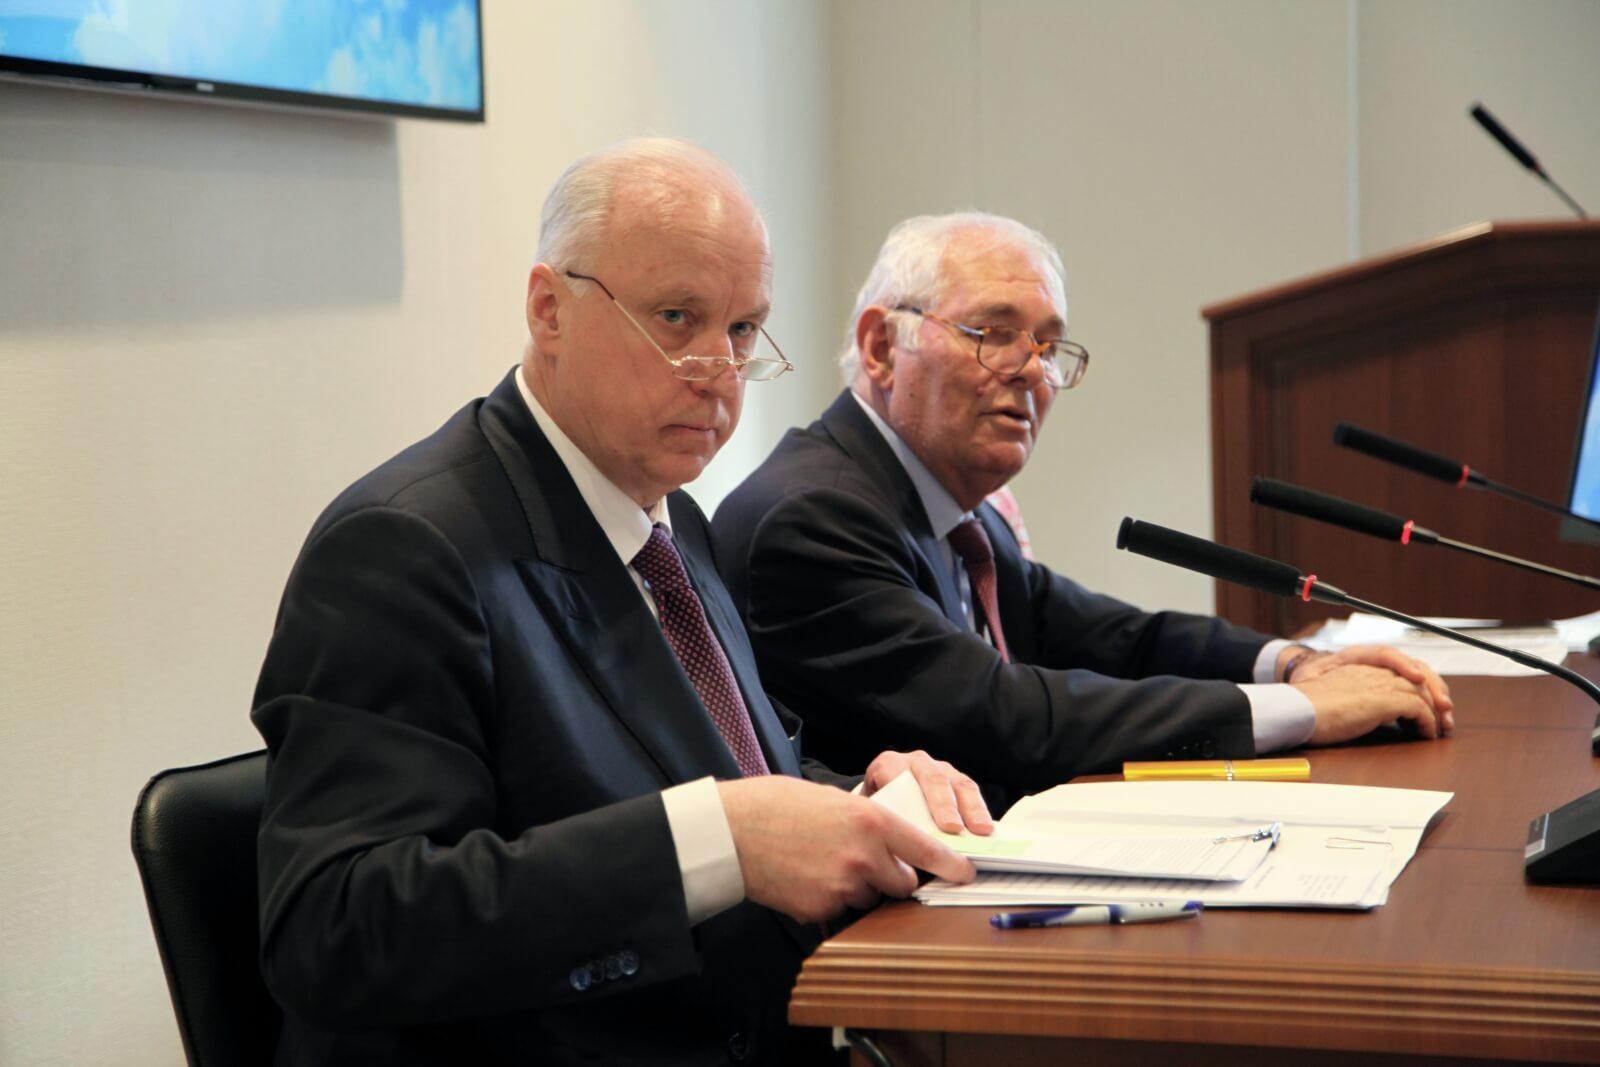 Глава Следственного комитета России Александр Бастрыкин и президент Нацмедпалаты Леонид Рошаль